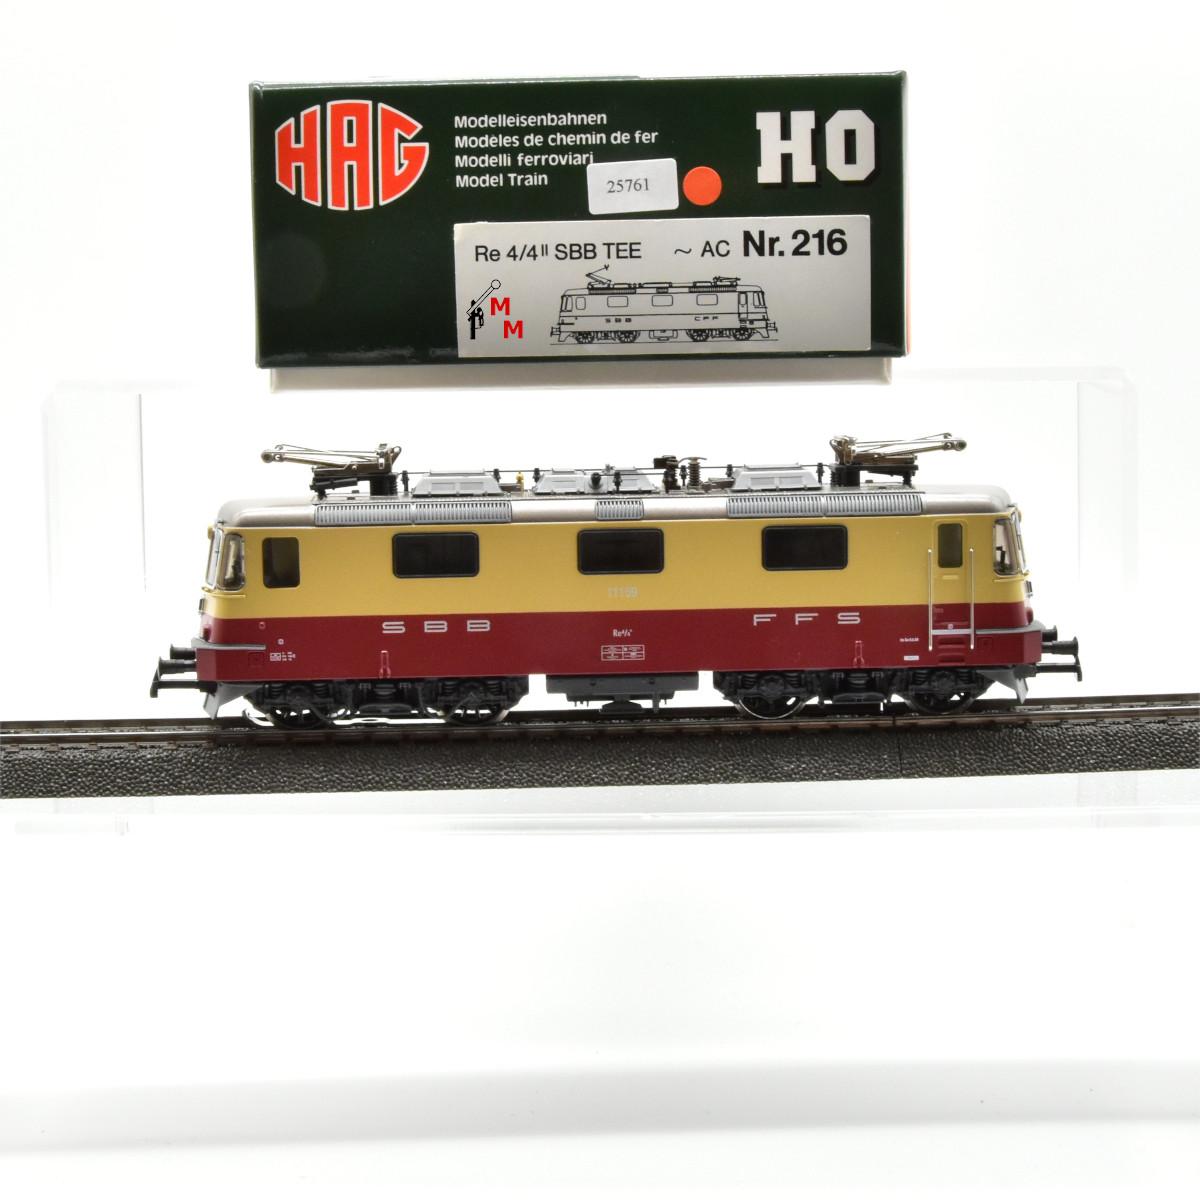 HAG 216 E-Lok BR Re 4/4II TEE Ausführung, Wechselstrom, digital, (25761)